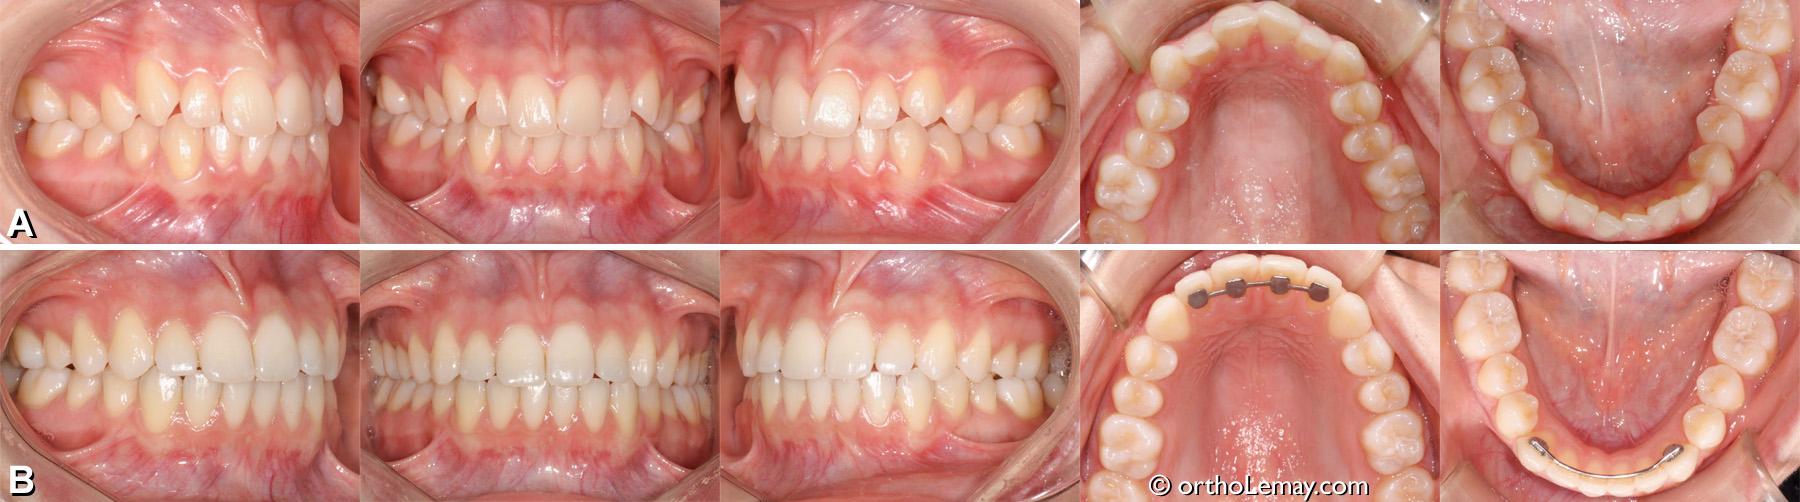 Malocclusion dentaire classe 1 arcade étroite, manque d'espace, expansion orthodontique